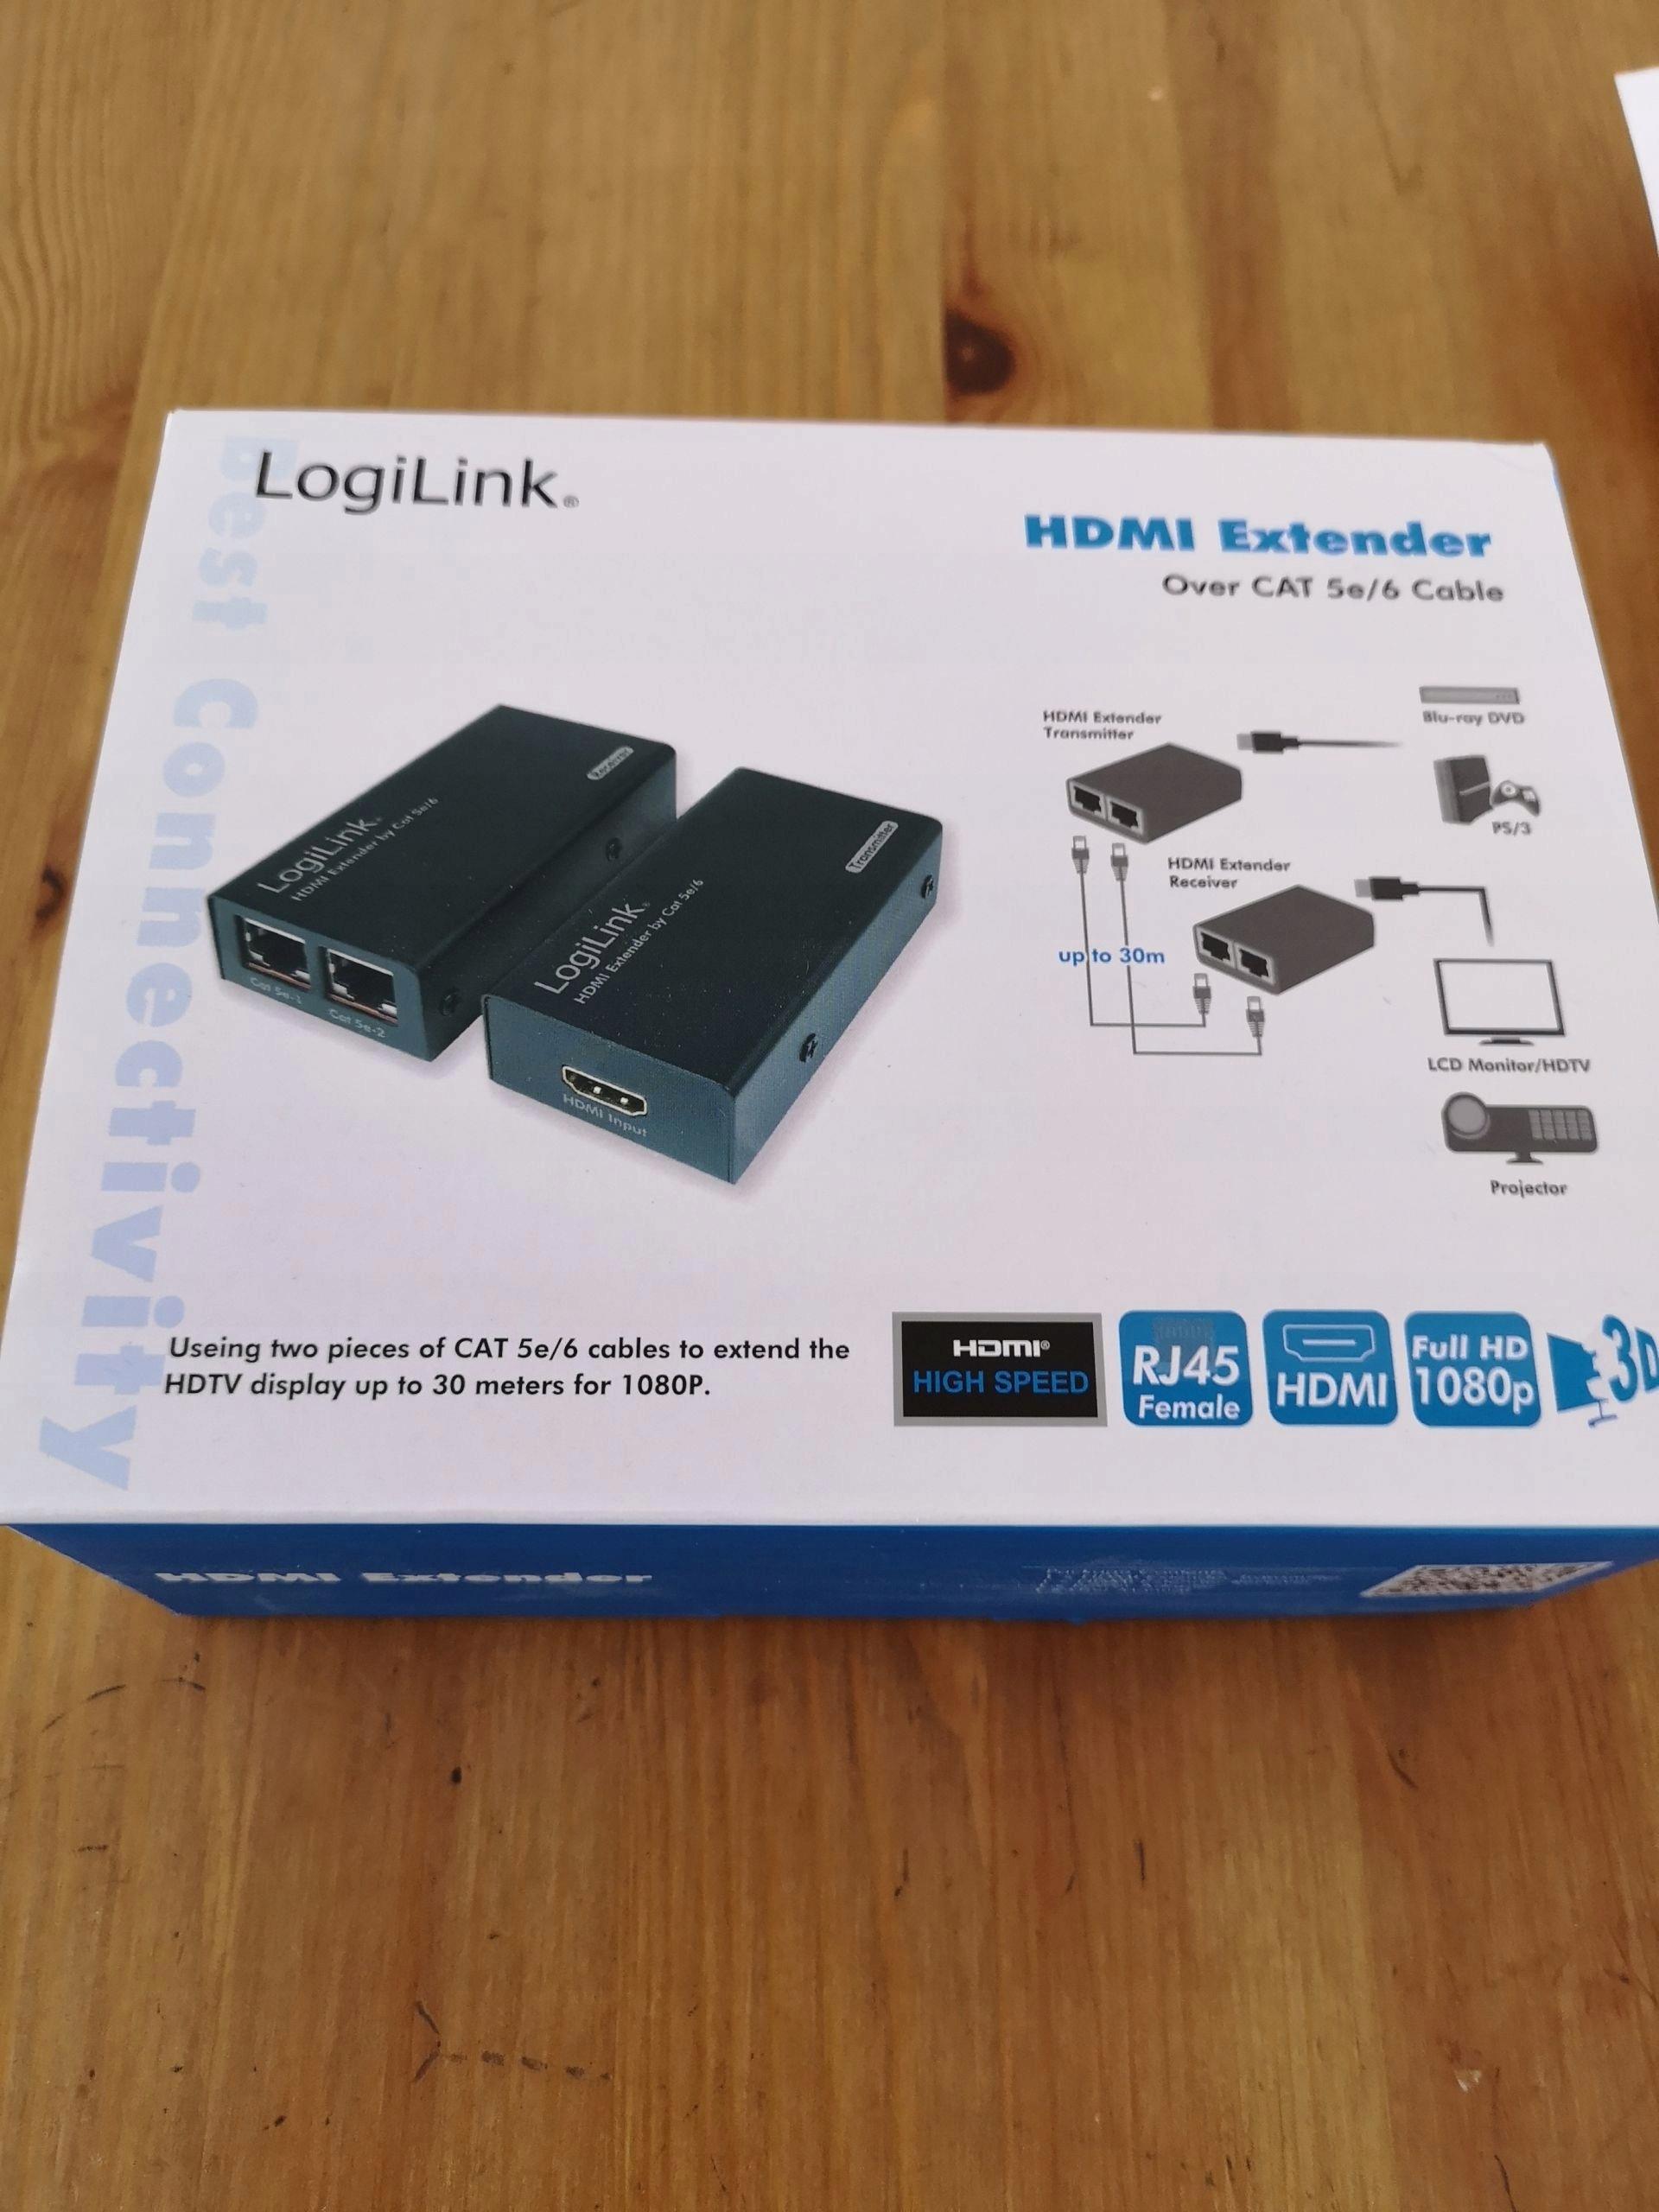 logilink hdmi extender  LogiLink HDMI Extender - LAN 30m, Gwarancja 18M - 7481942424 ...